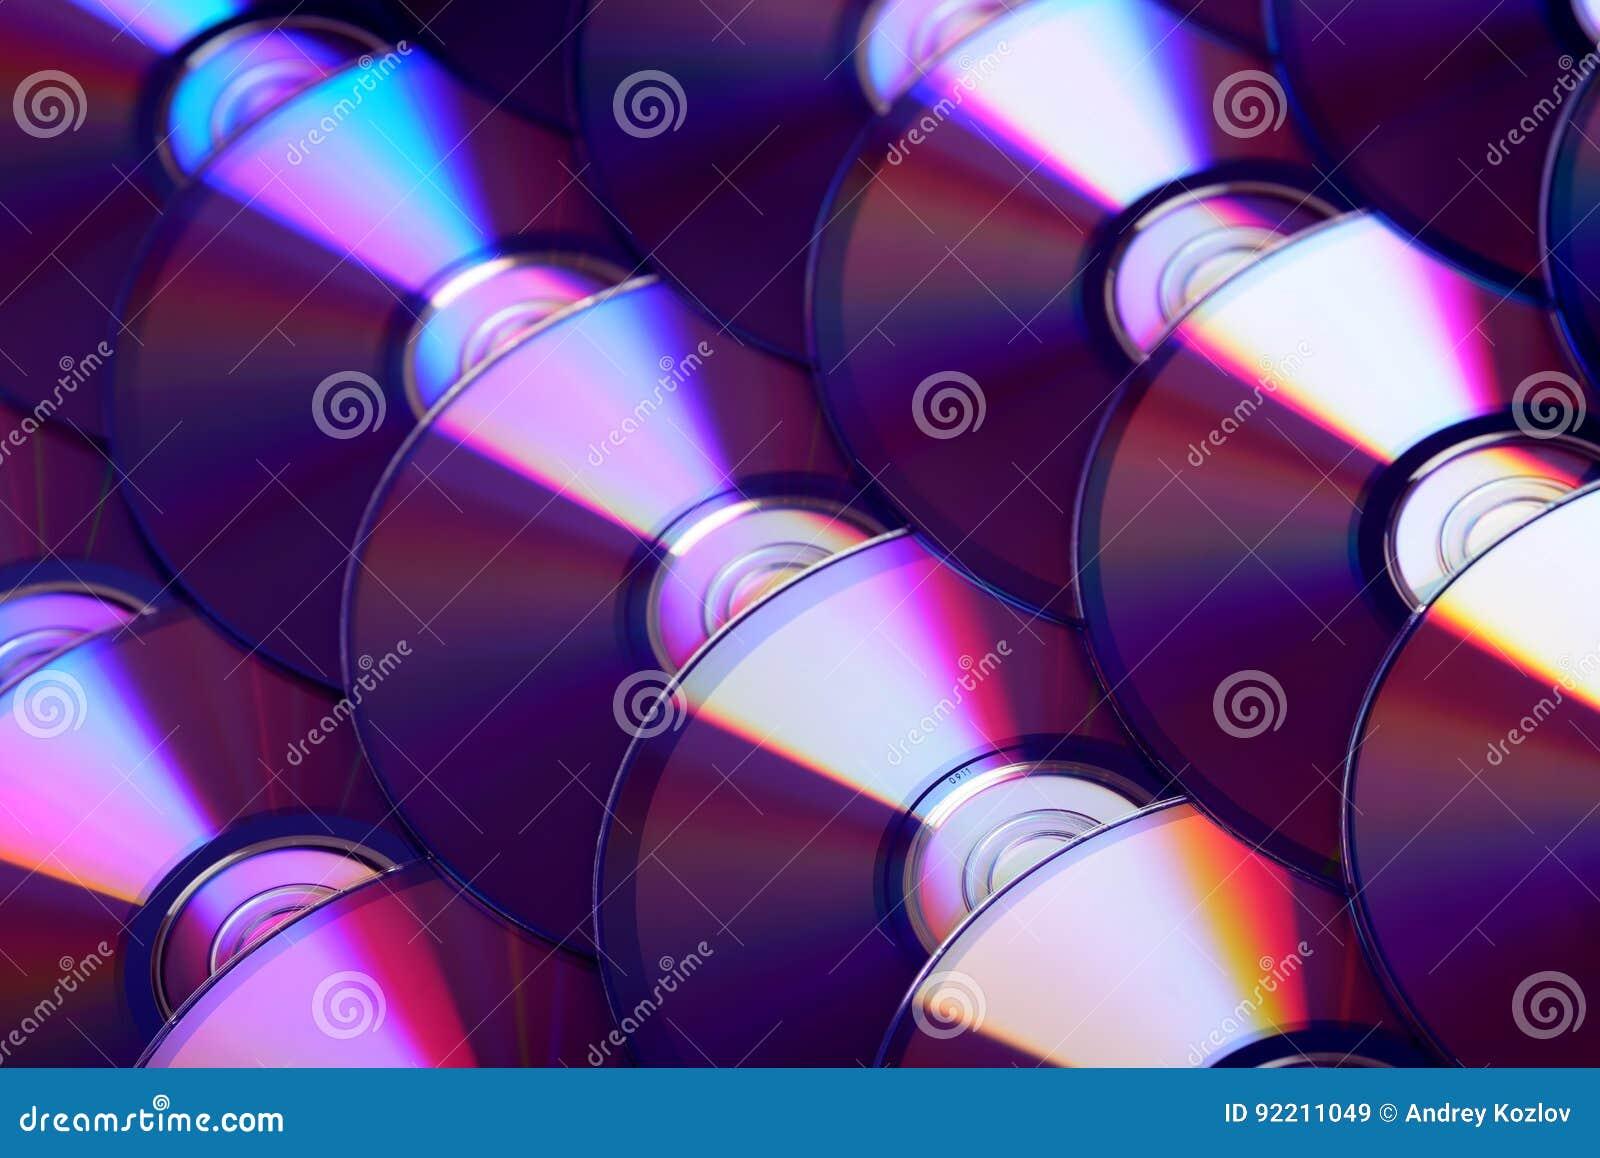 Płyty kompaktowa tło Kilka cd dvd Ray dyski Okulistyczny zdolny do nagrywania lub rewritable cyfrowy przechowywanie danych